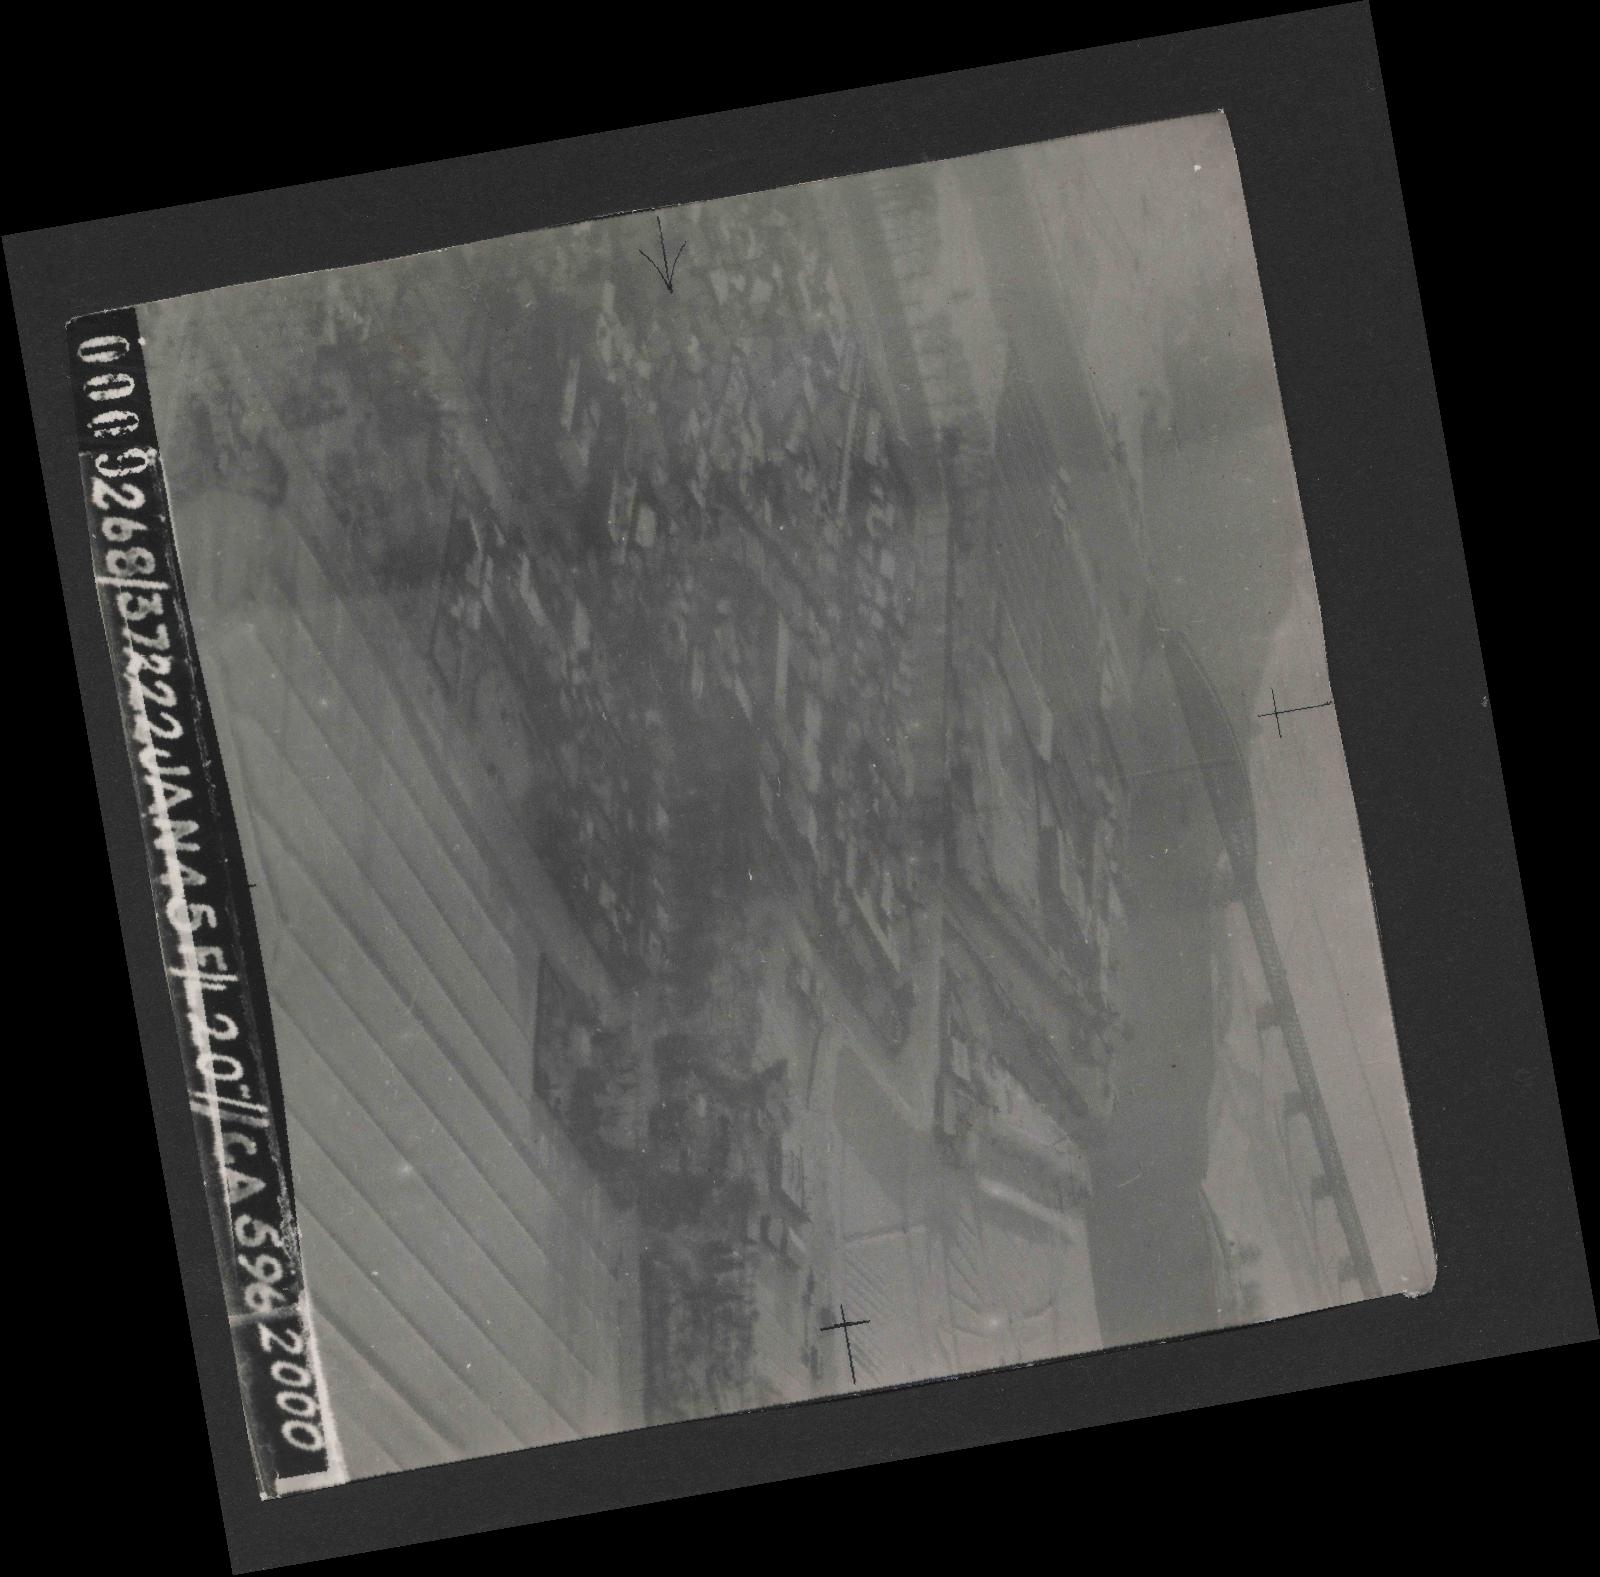 Collection RAF aerial photos 1940-1945 - flight 508, run 01, photo 0009